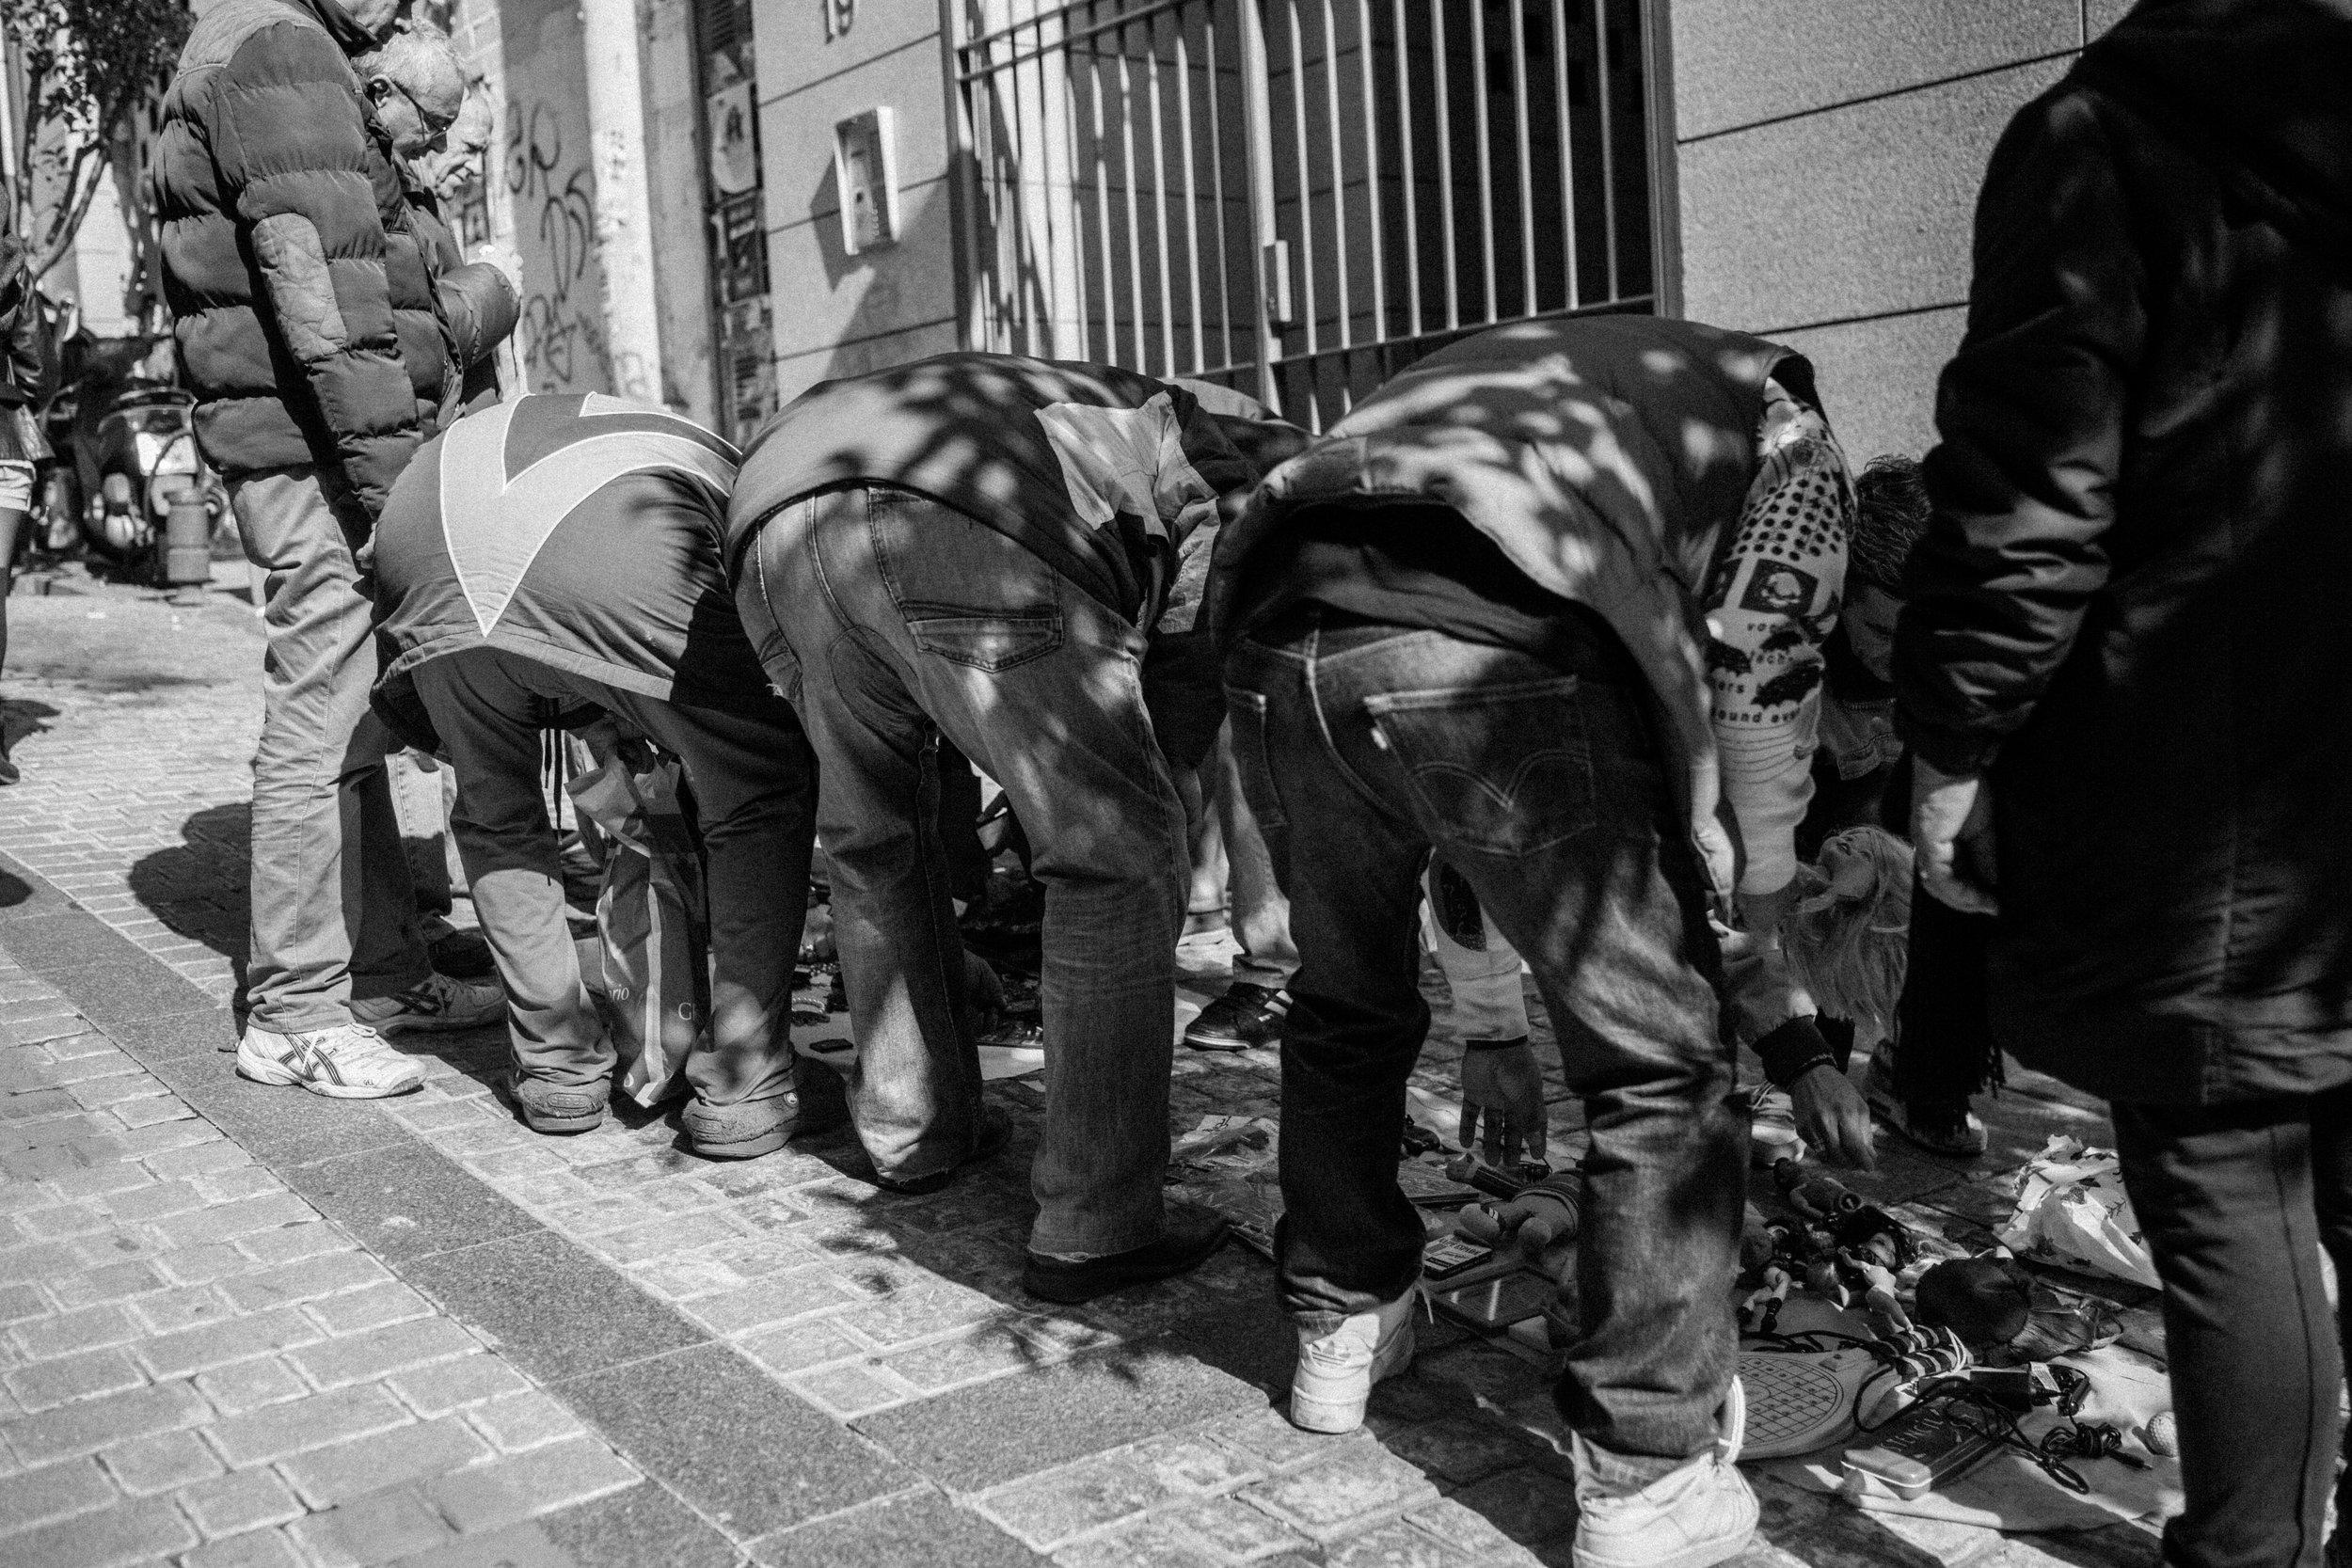 El rastro de Madrid by jorge Güiro 10.jpg